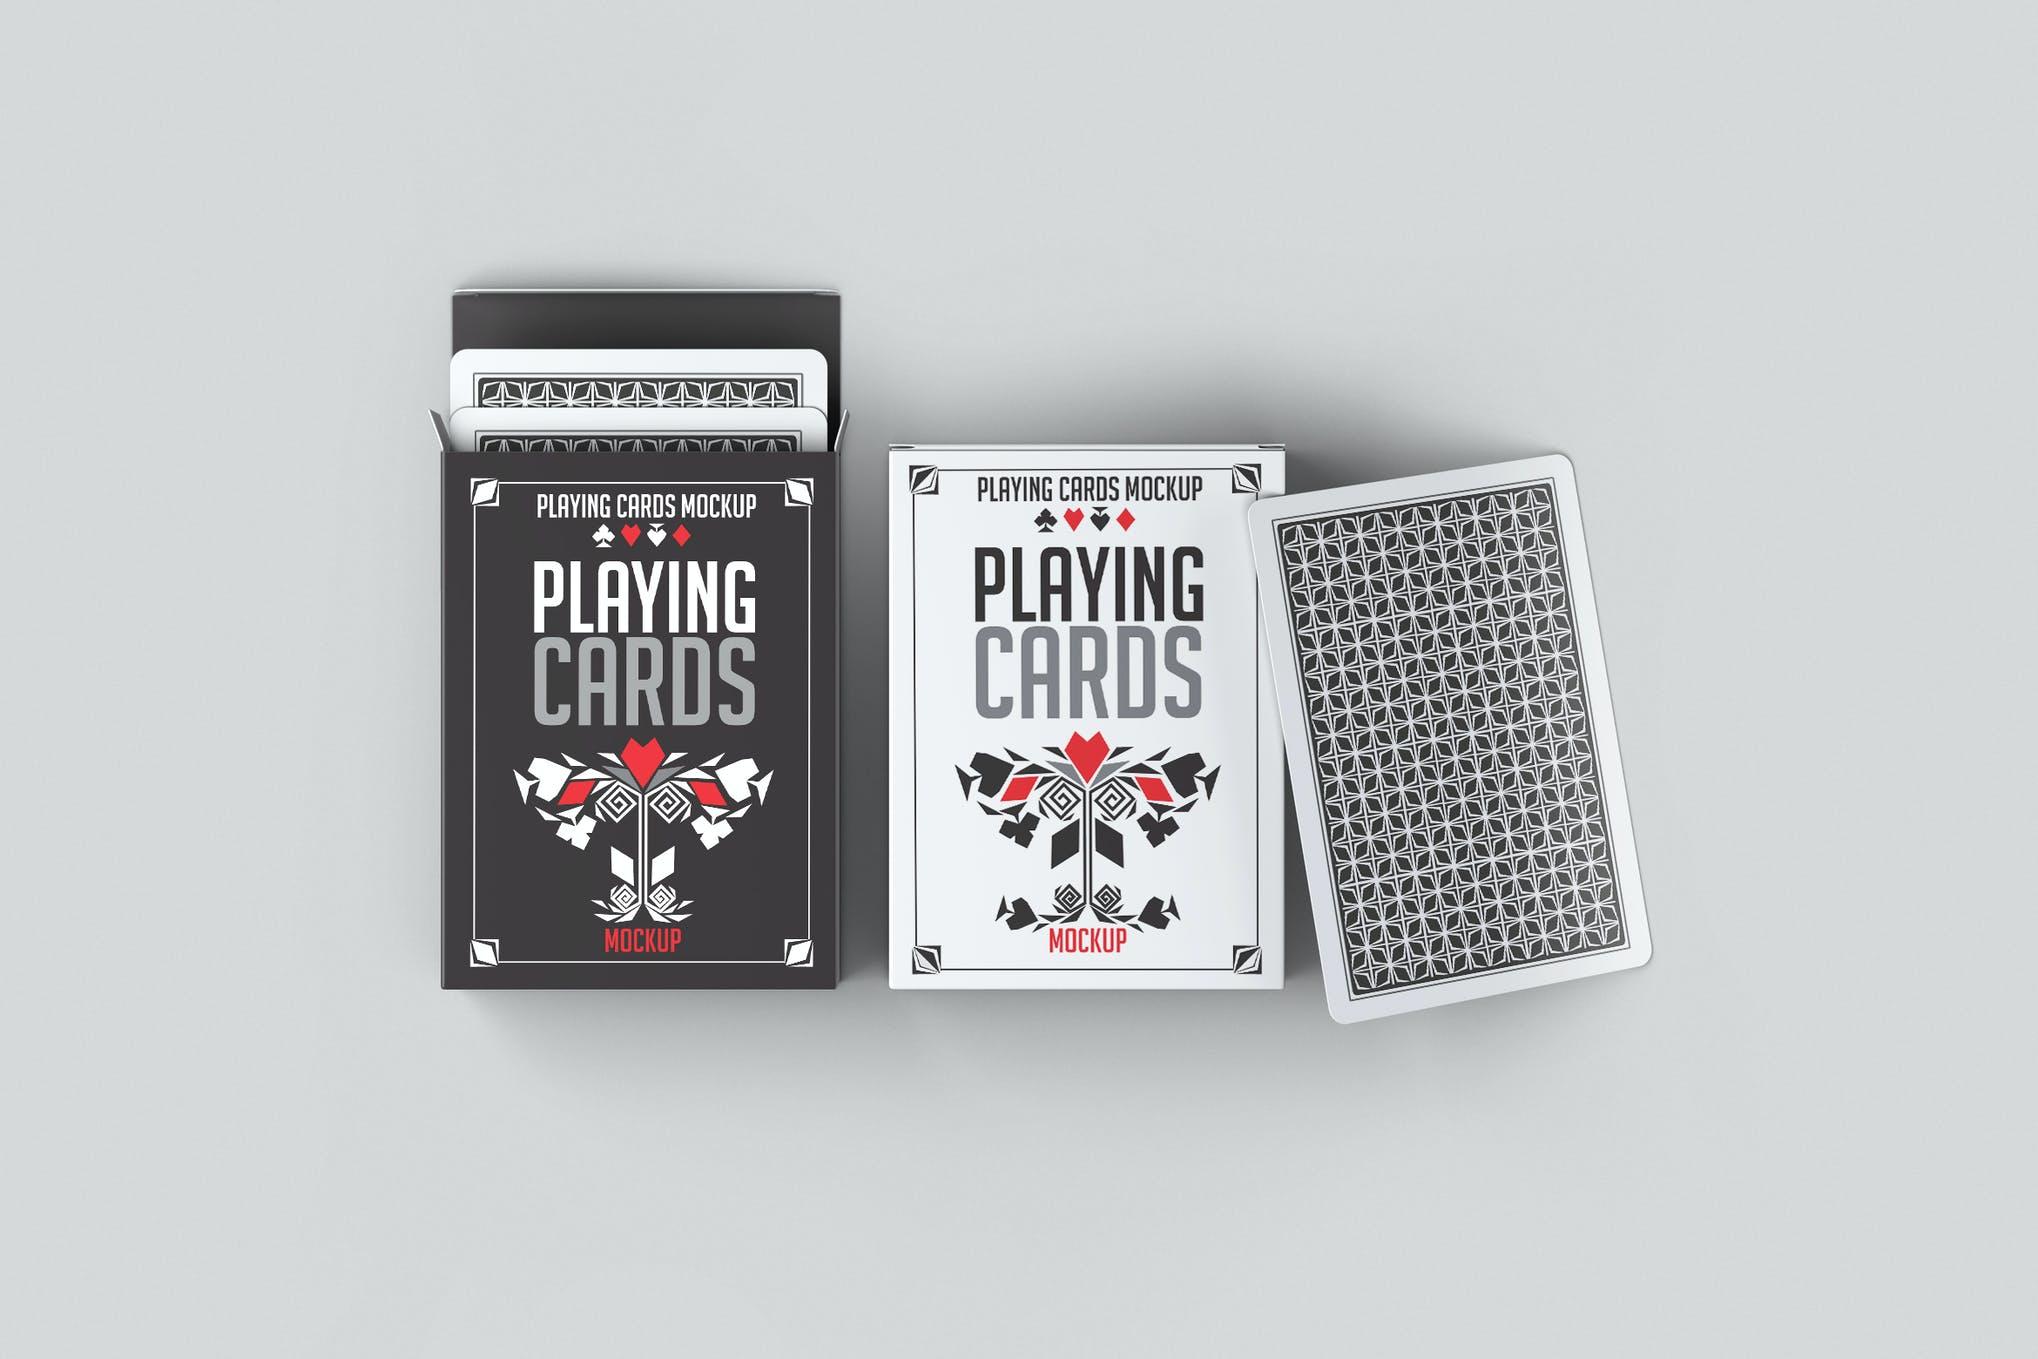 扑克牌盒样机效果图插图(1)